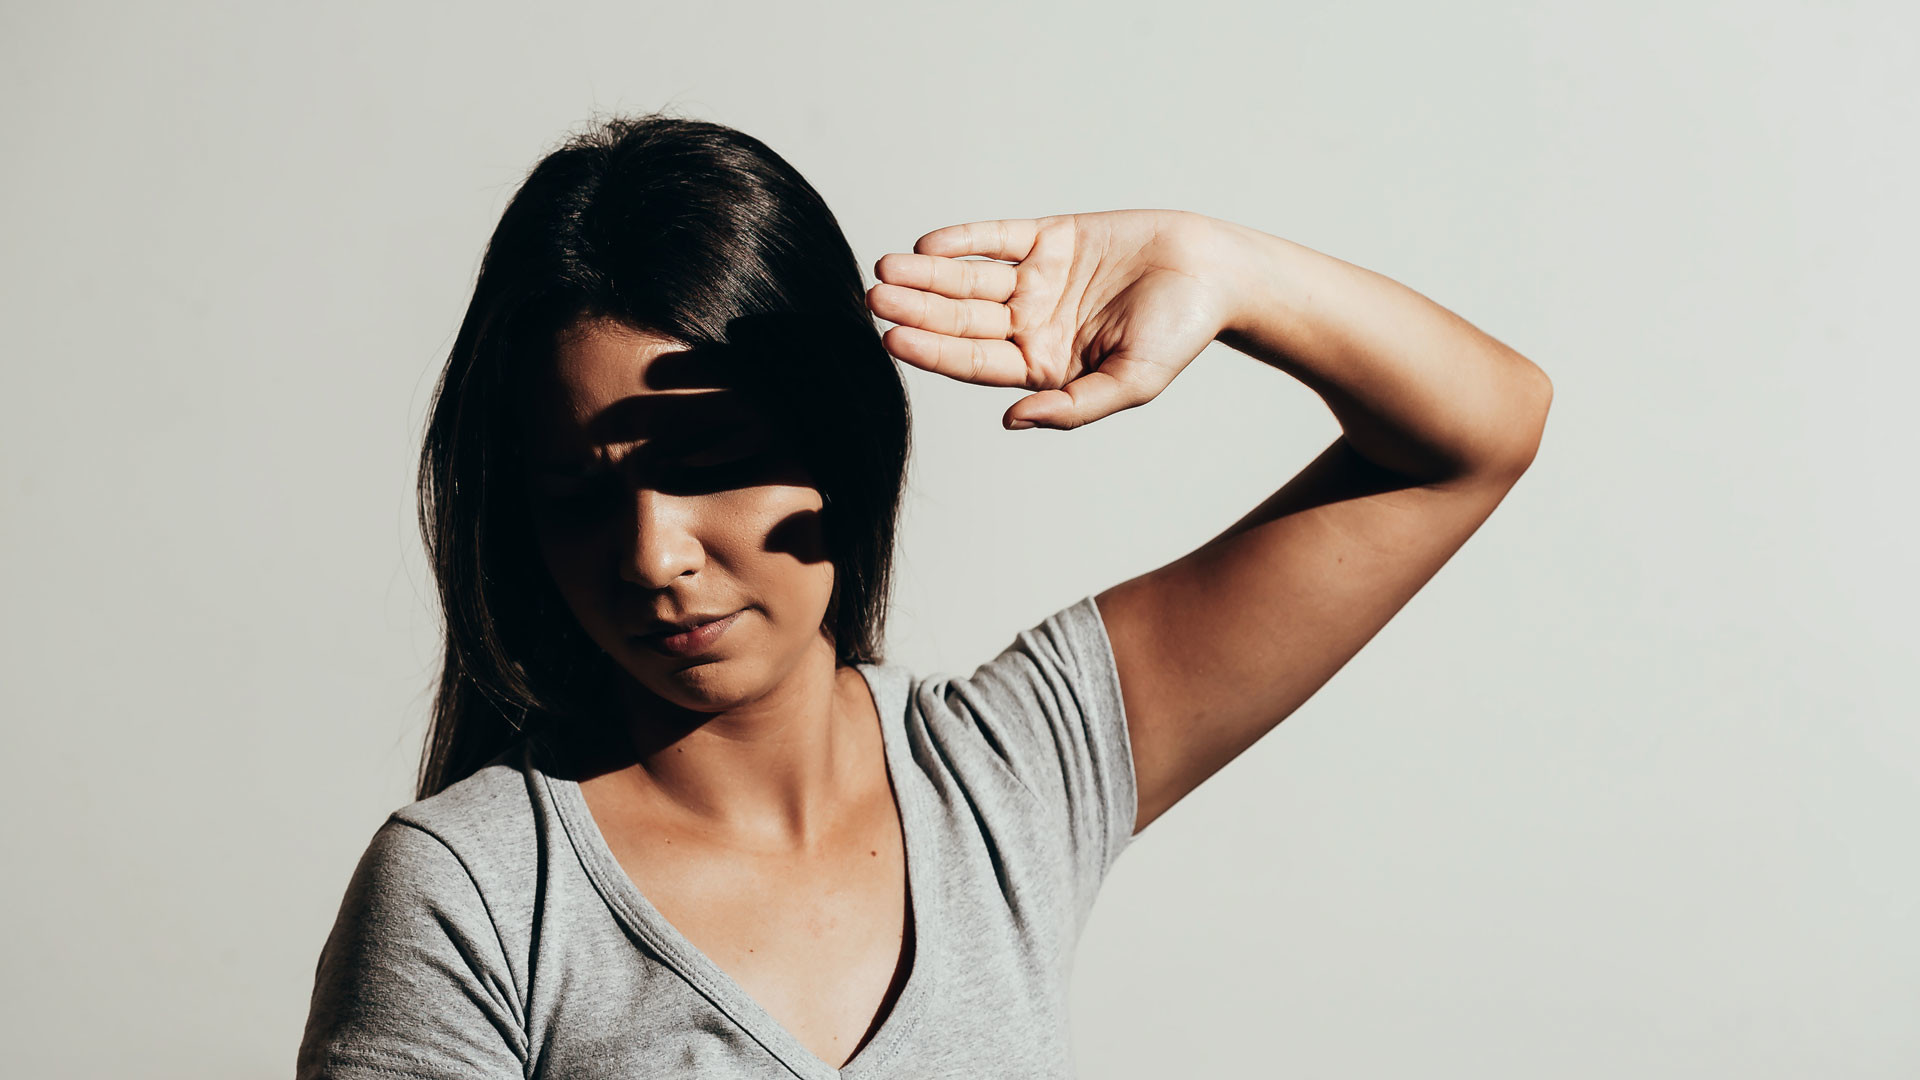 Светобоязнь глаз: причины у взрослого человека и детей, лечение